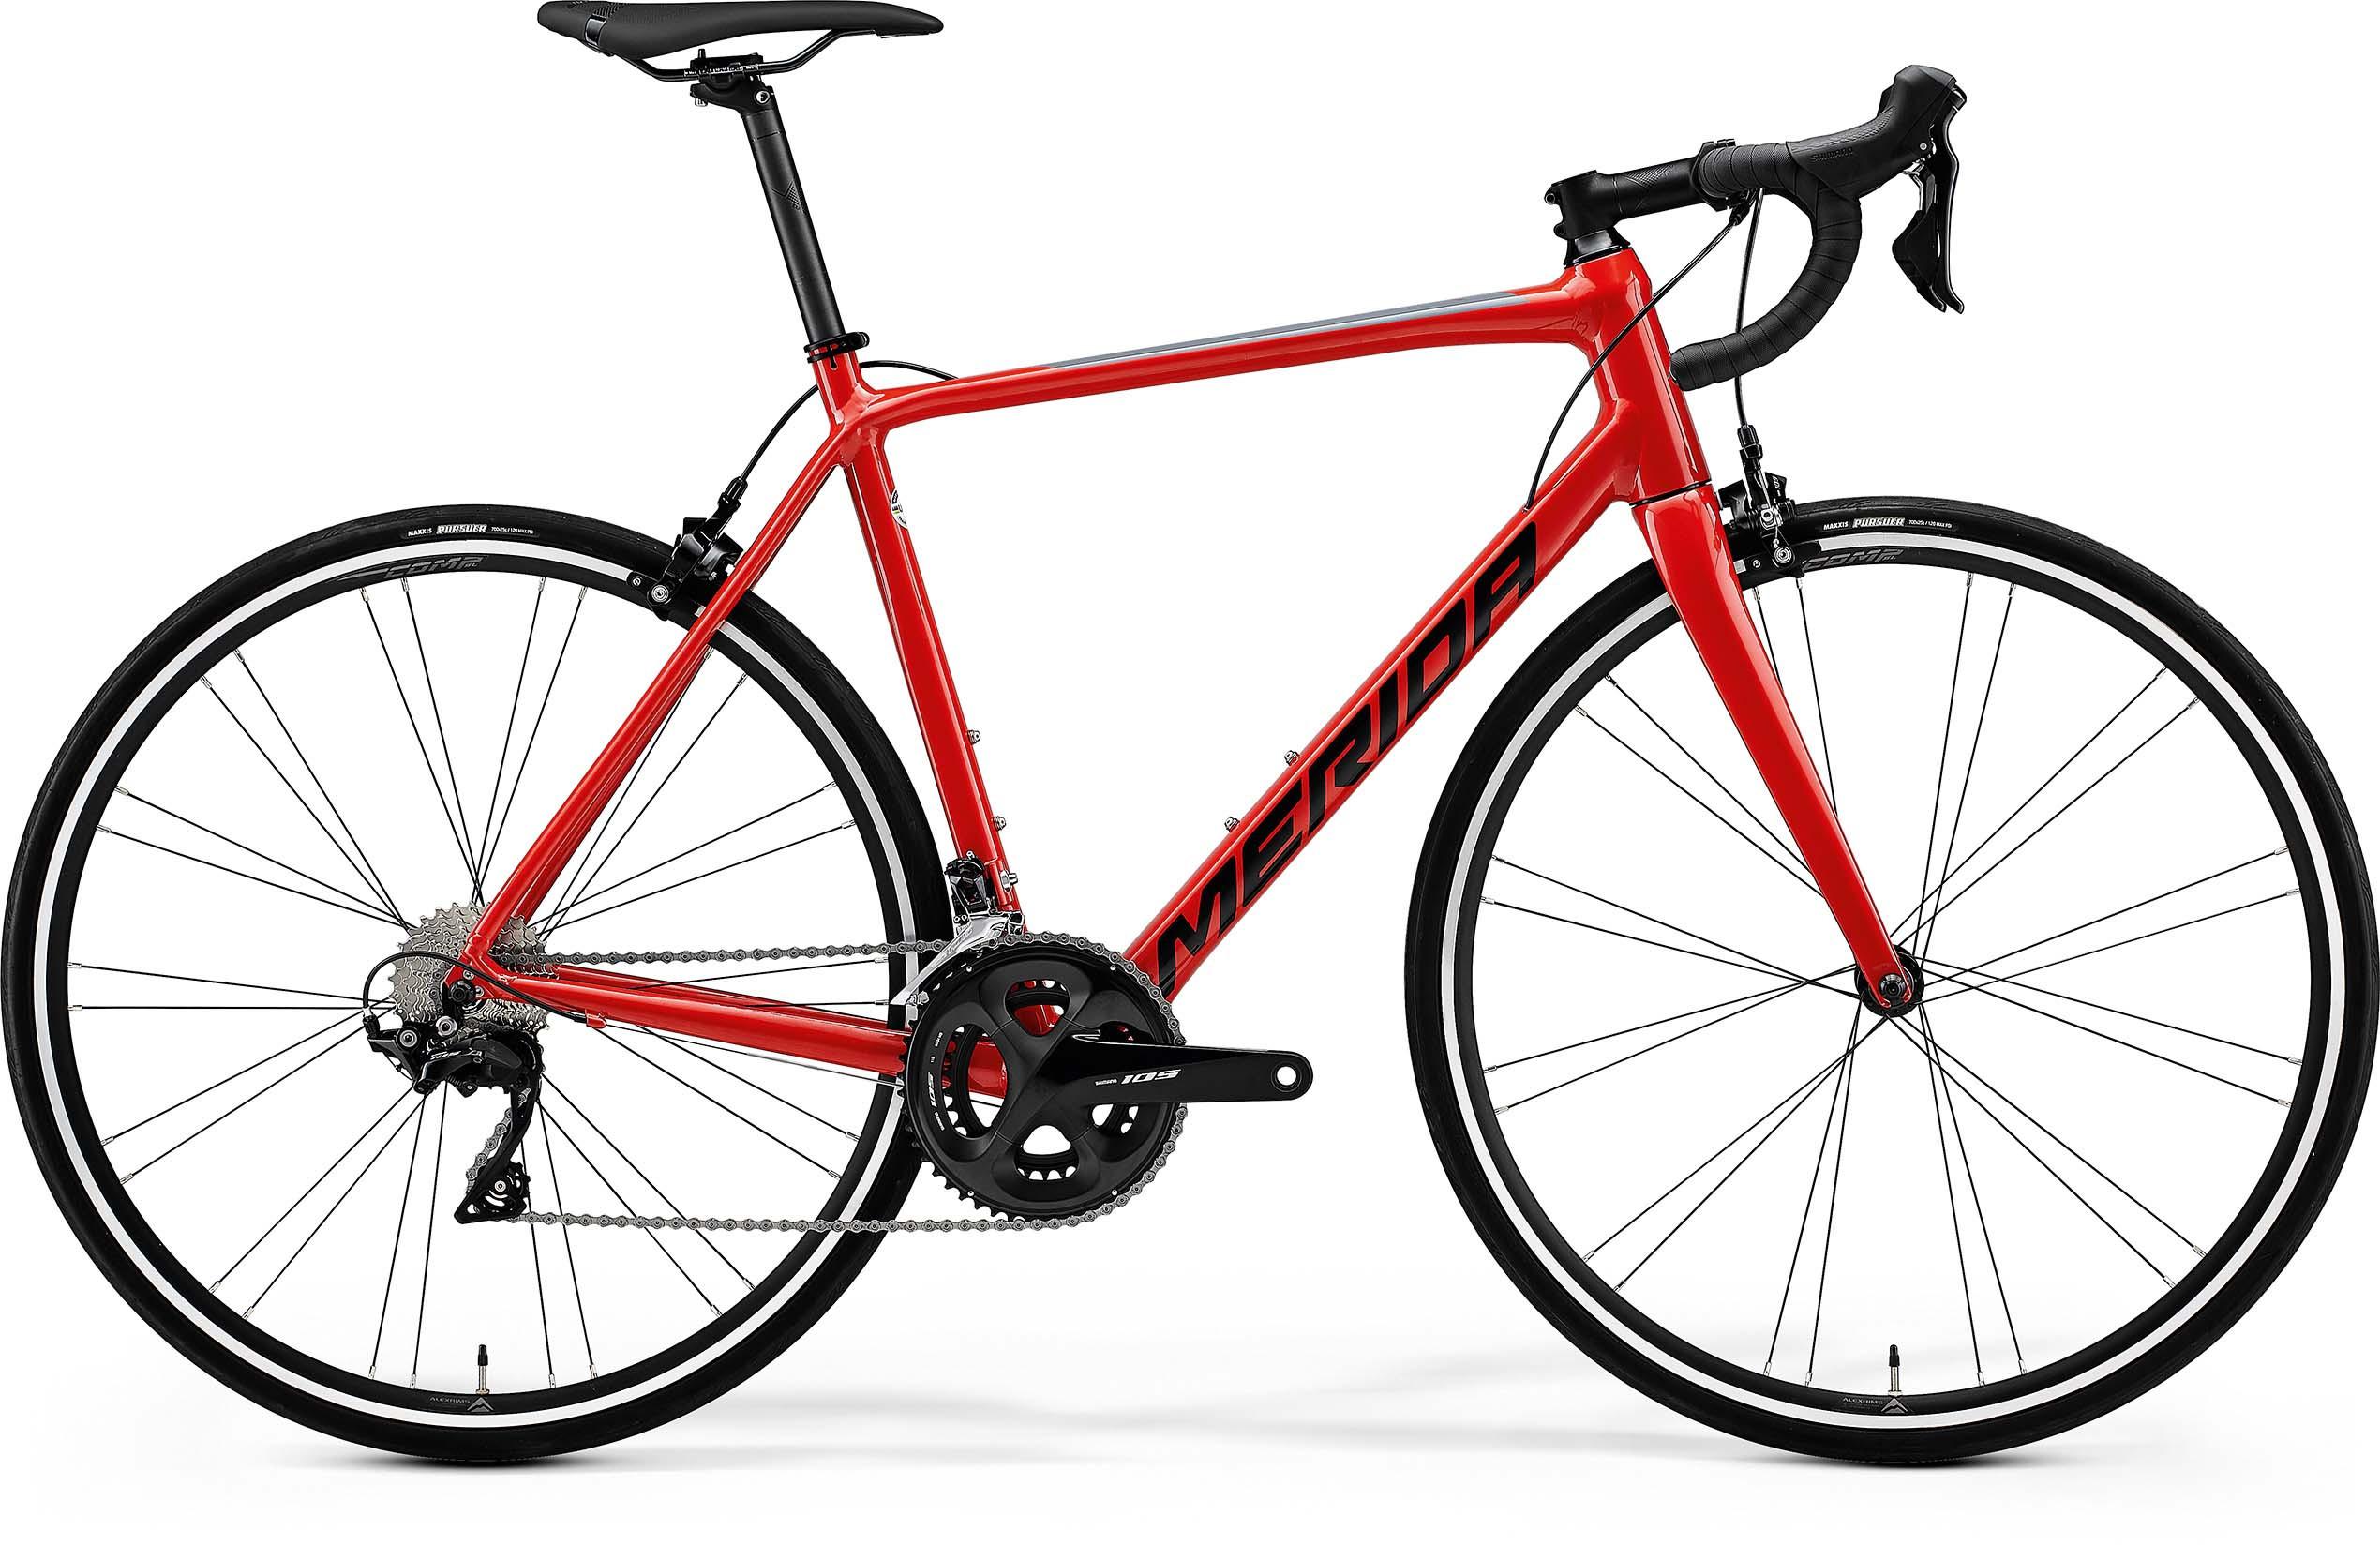 Shimano 105 R7000 - 2021 Merida Scultura 400 Road Bike in Red £1000 delivered @ De Ver Cycles